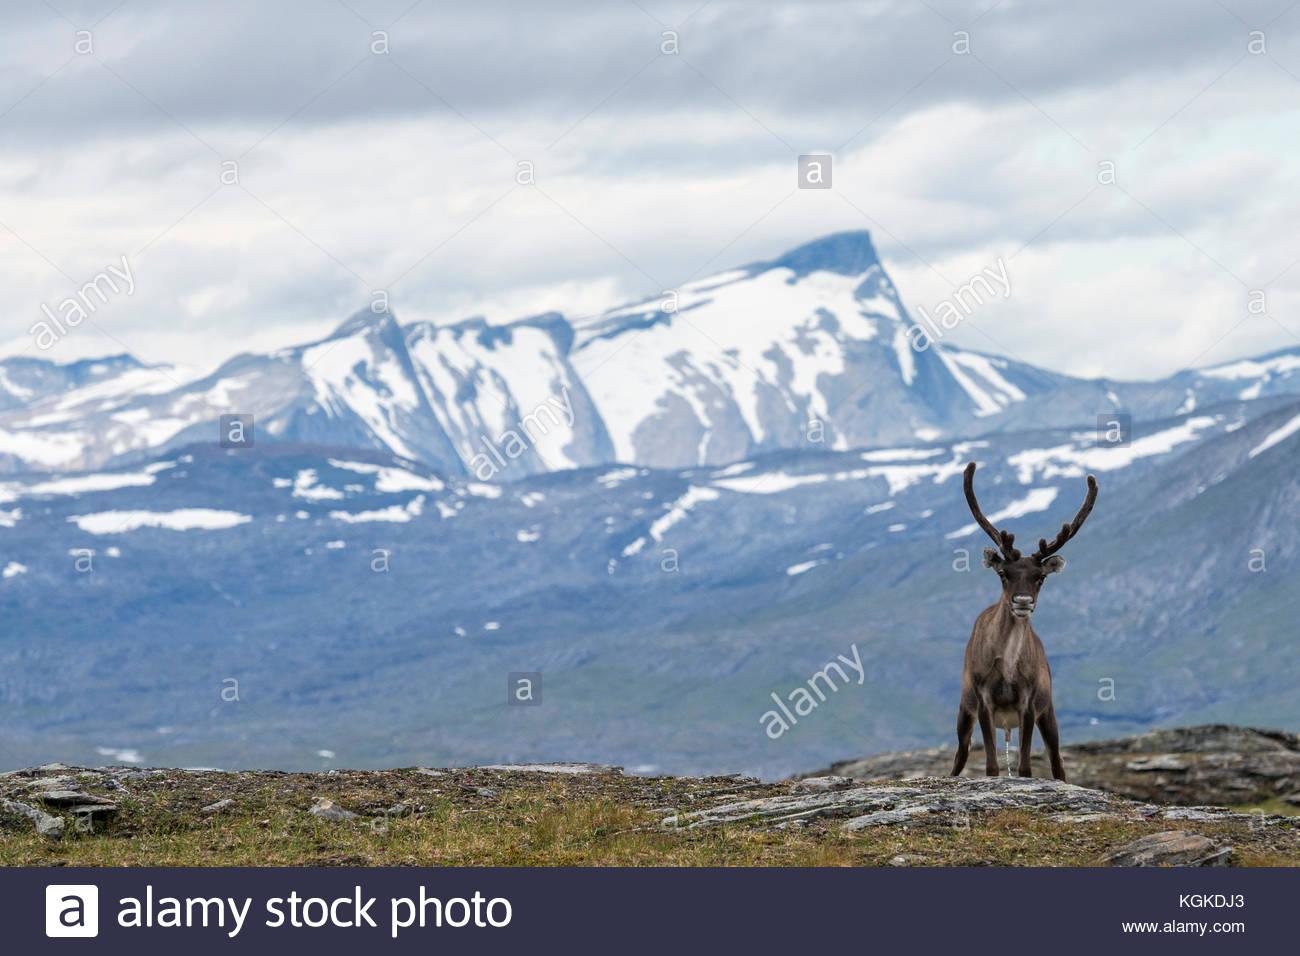 Semi-domesticated reindeer, Rangifer tarandus, in Padjelanta National Park. - Stock Image